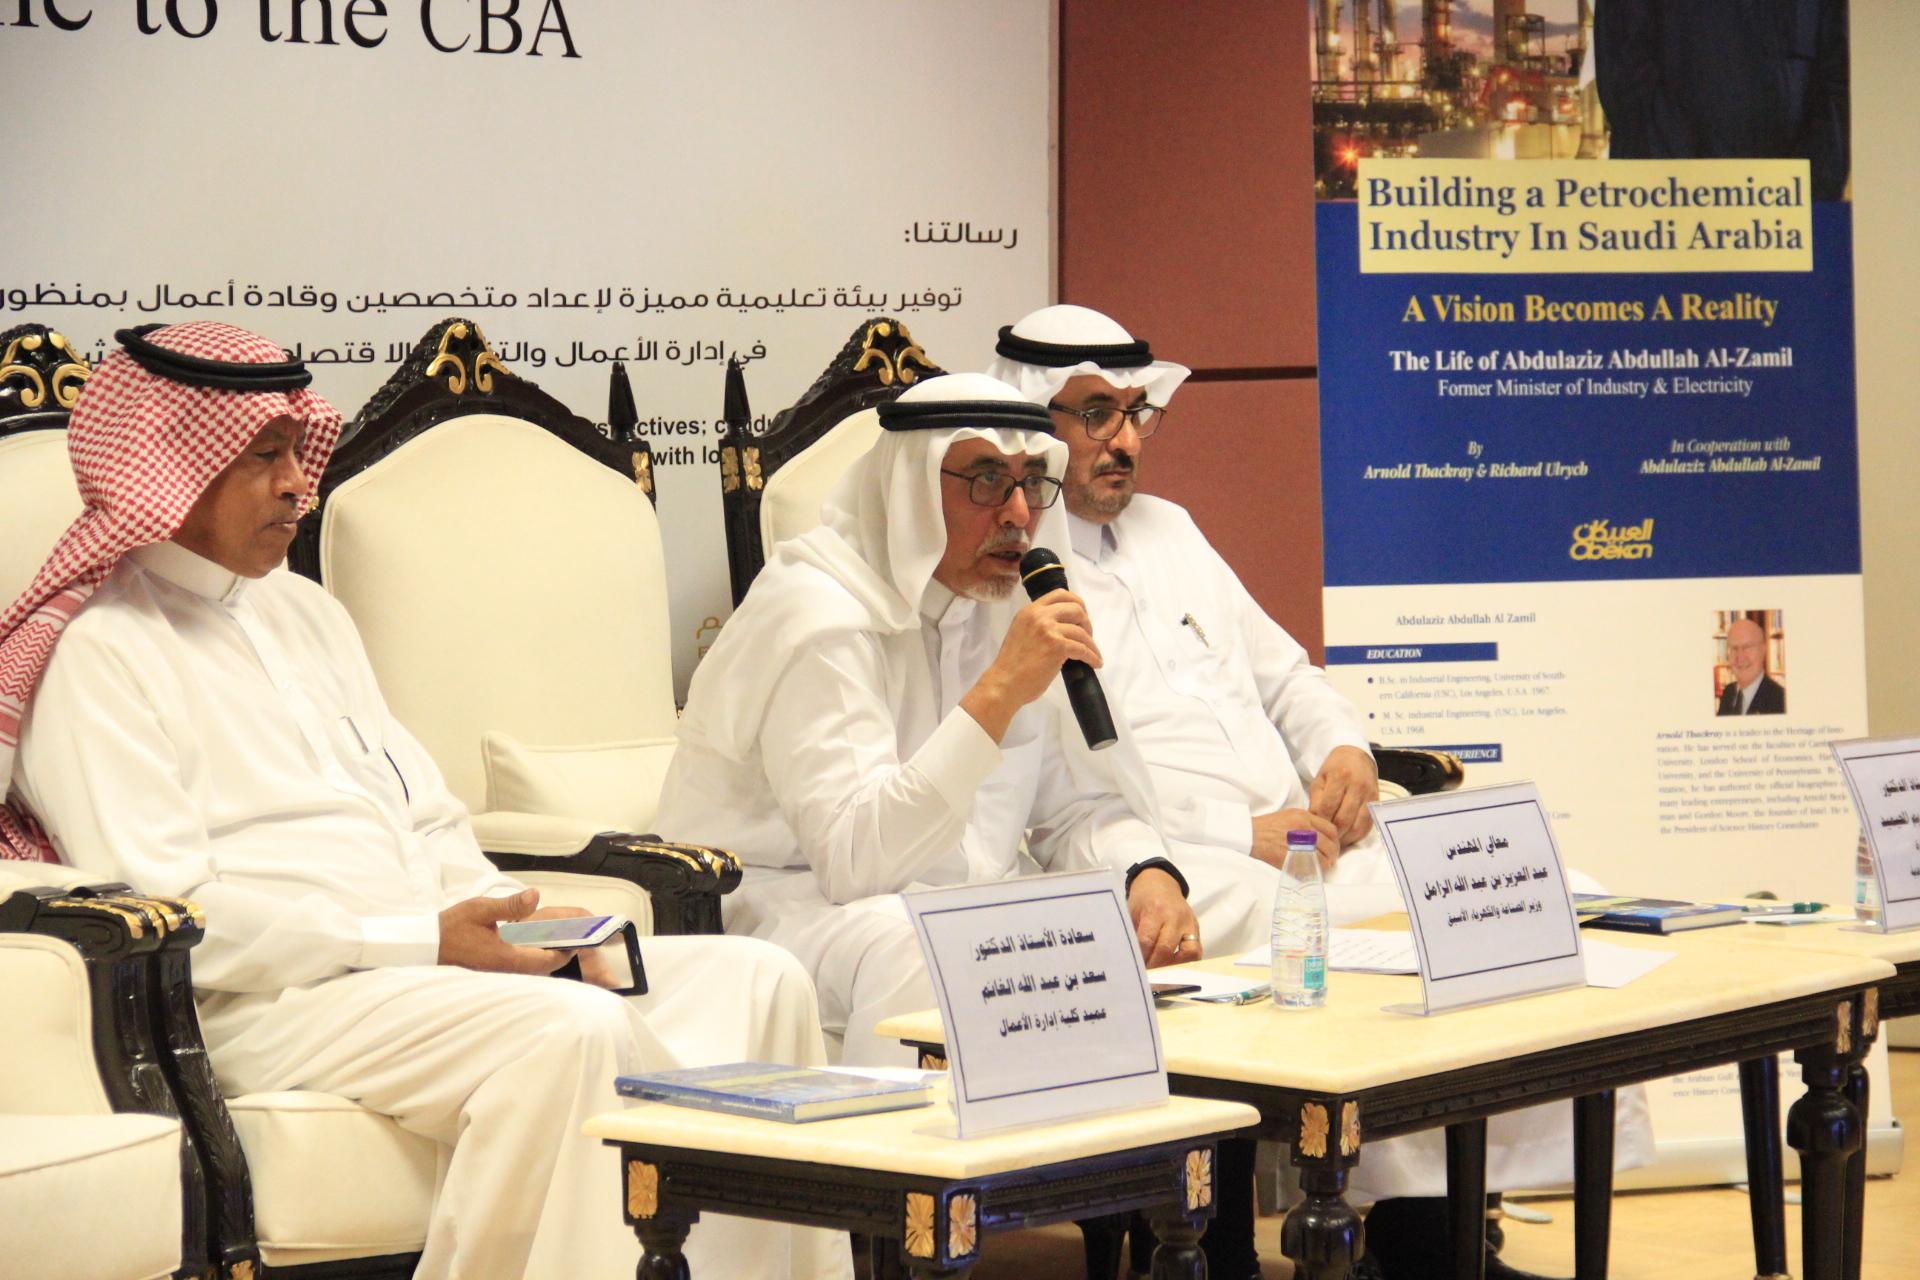 نادي الاقتصاد ينظم محاضرة بعنوان: (معجزة صناعه البتروكيماويات السعودية)